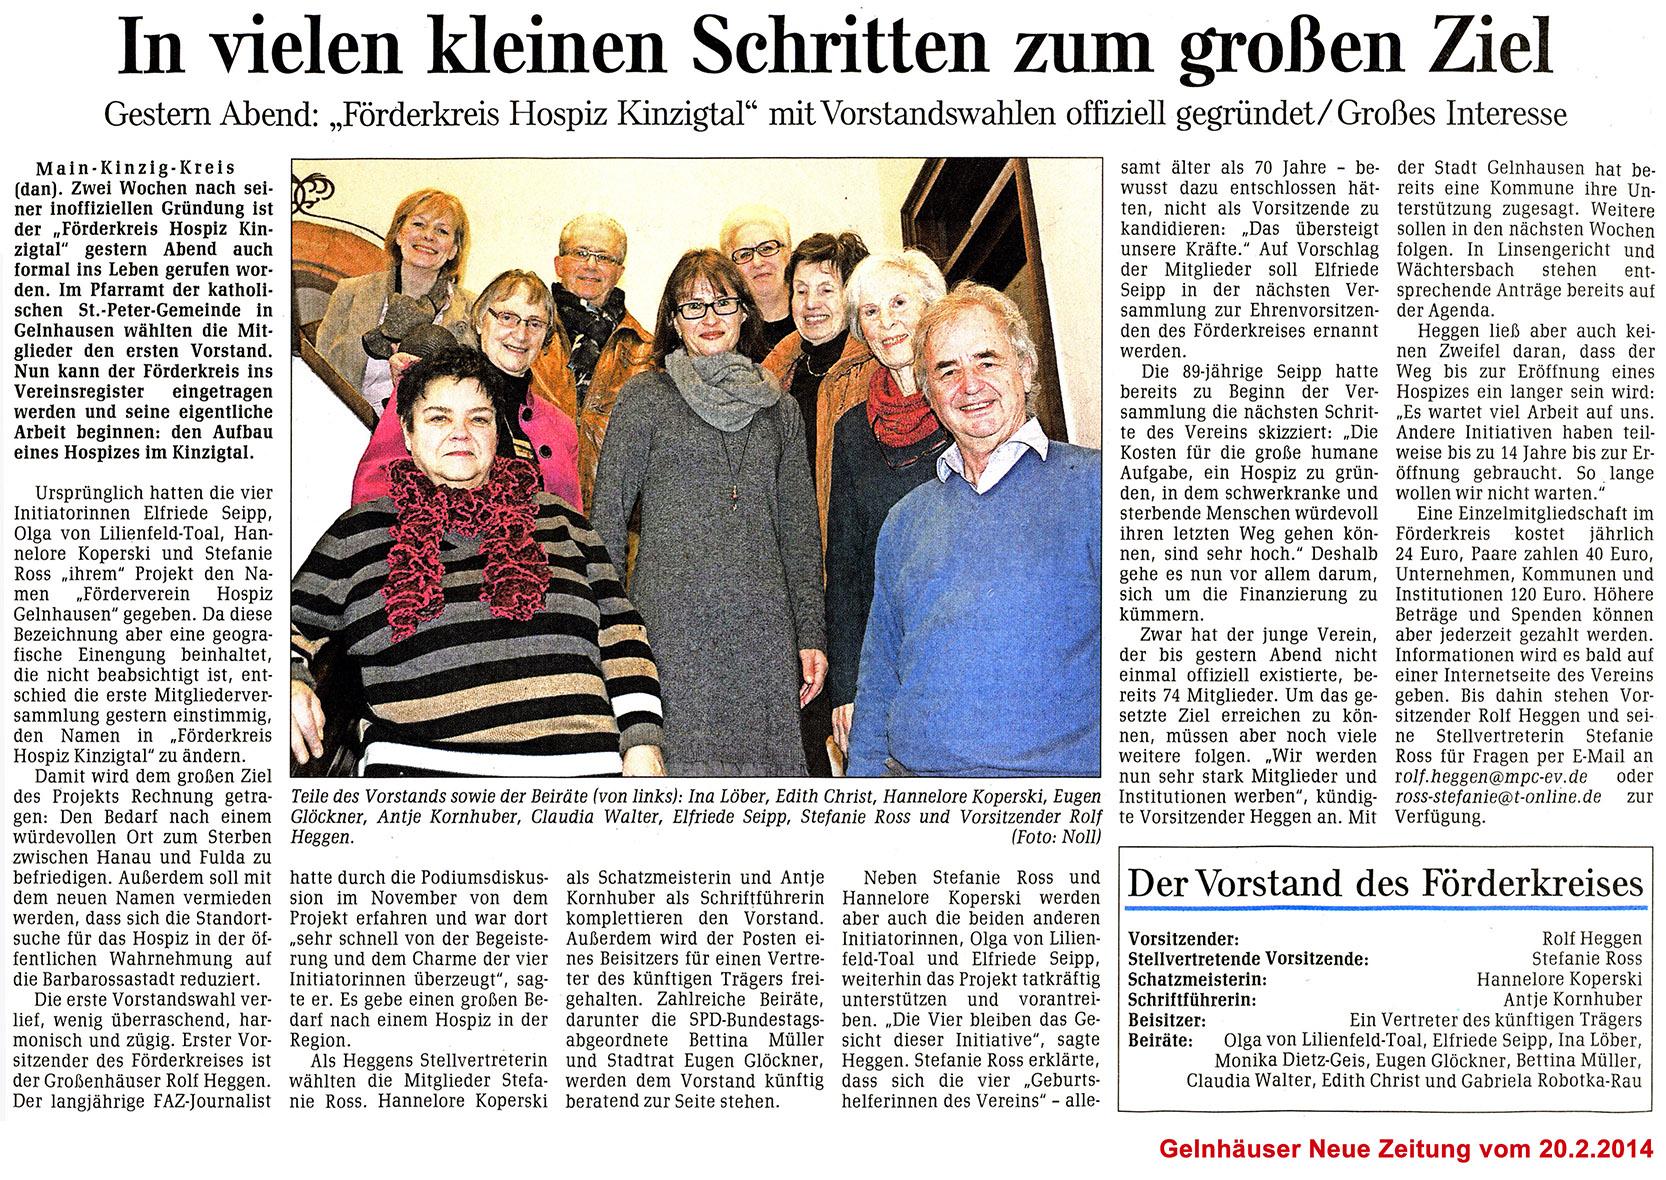 2014-02-20_GNZ